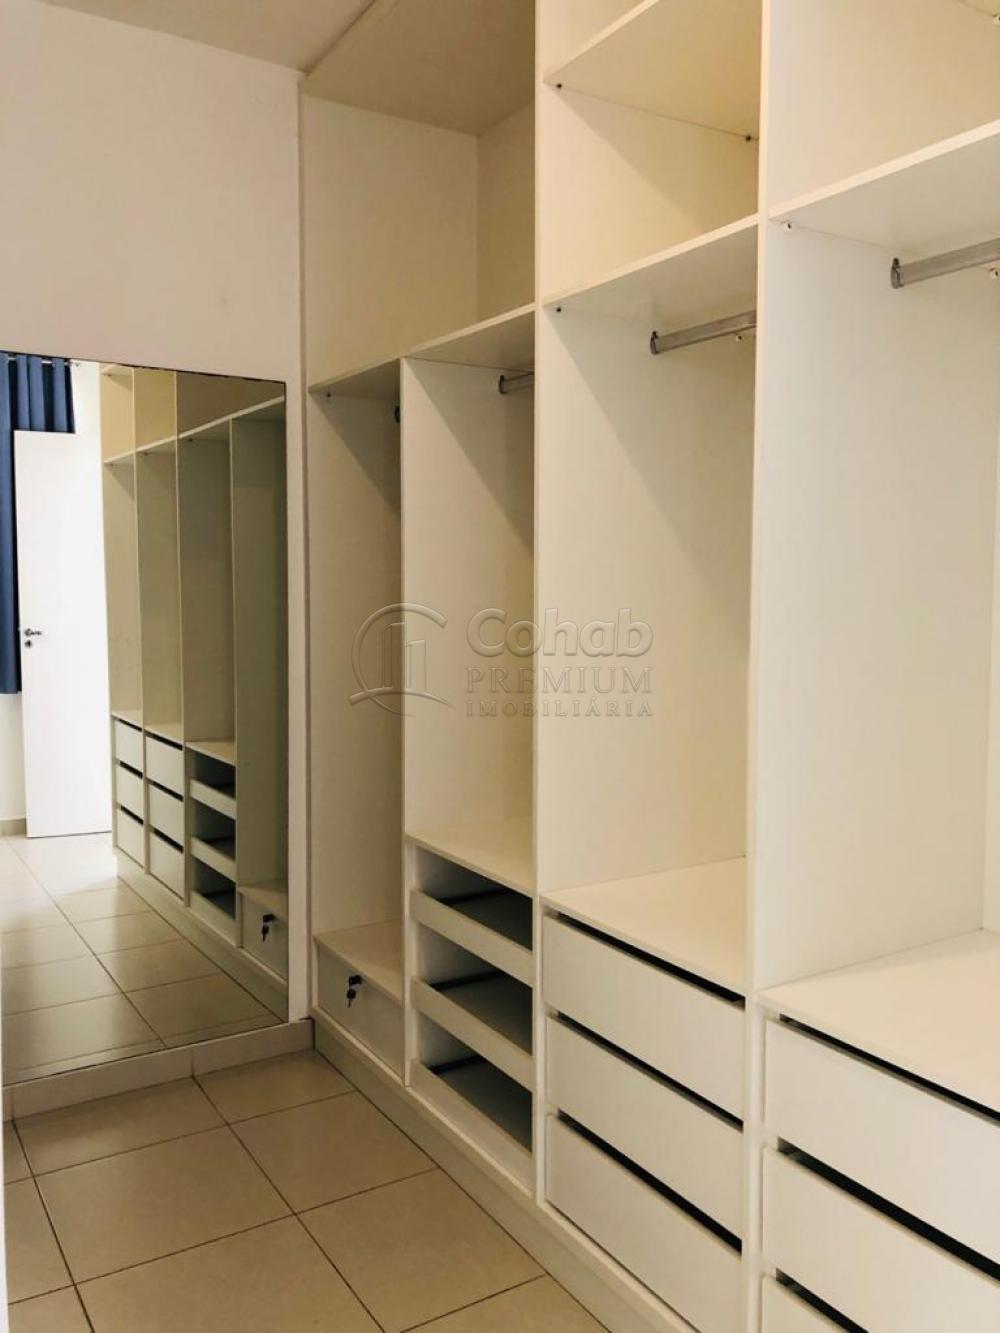 Comprar Casa / Condomínio em Aracaju apenas R$ 930.000,00 - Foto 11